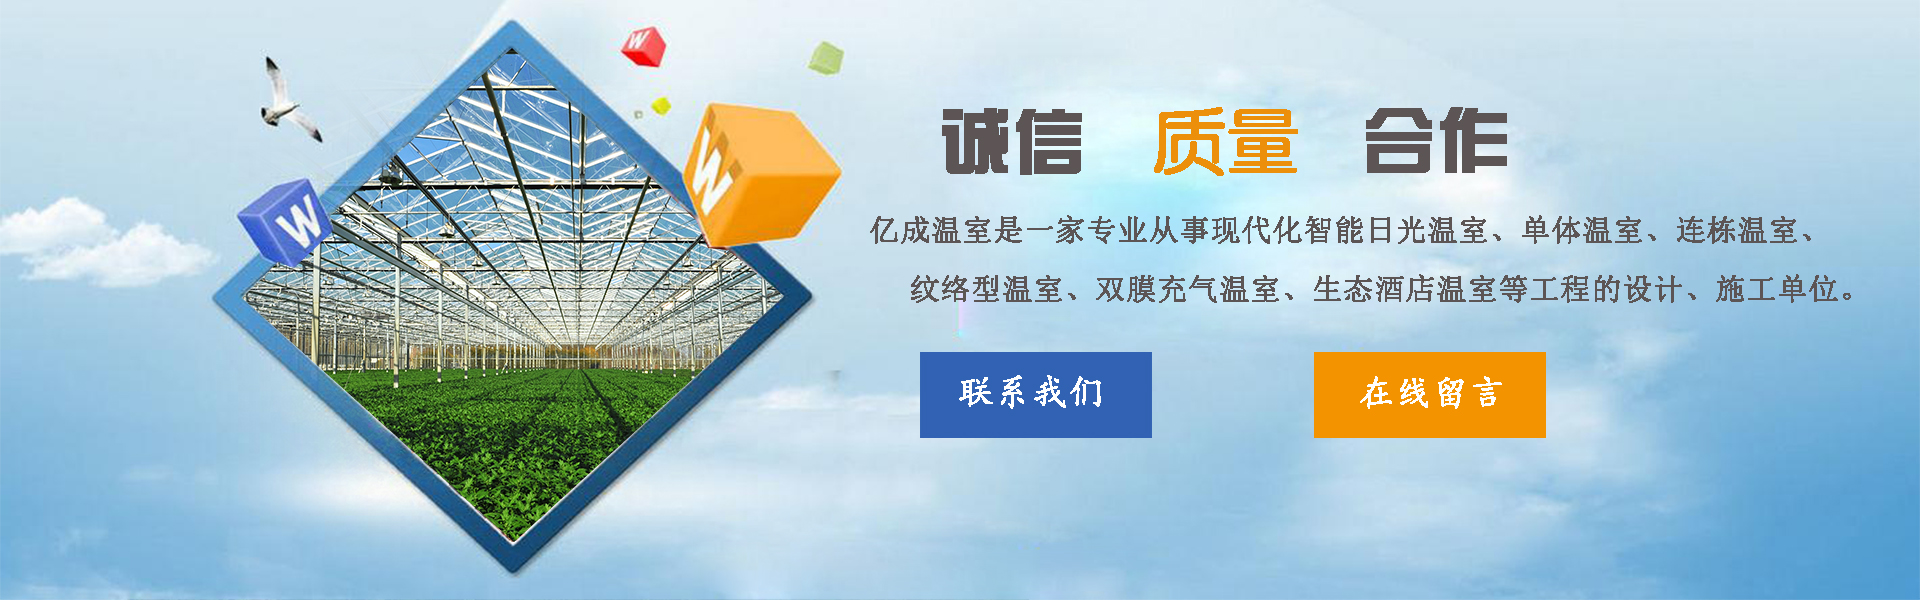 青州市亿成温室工程有限公司